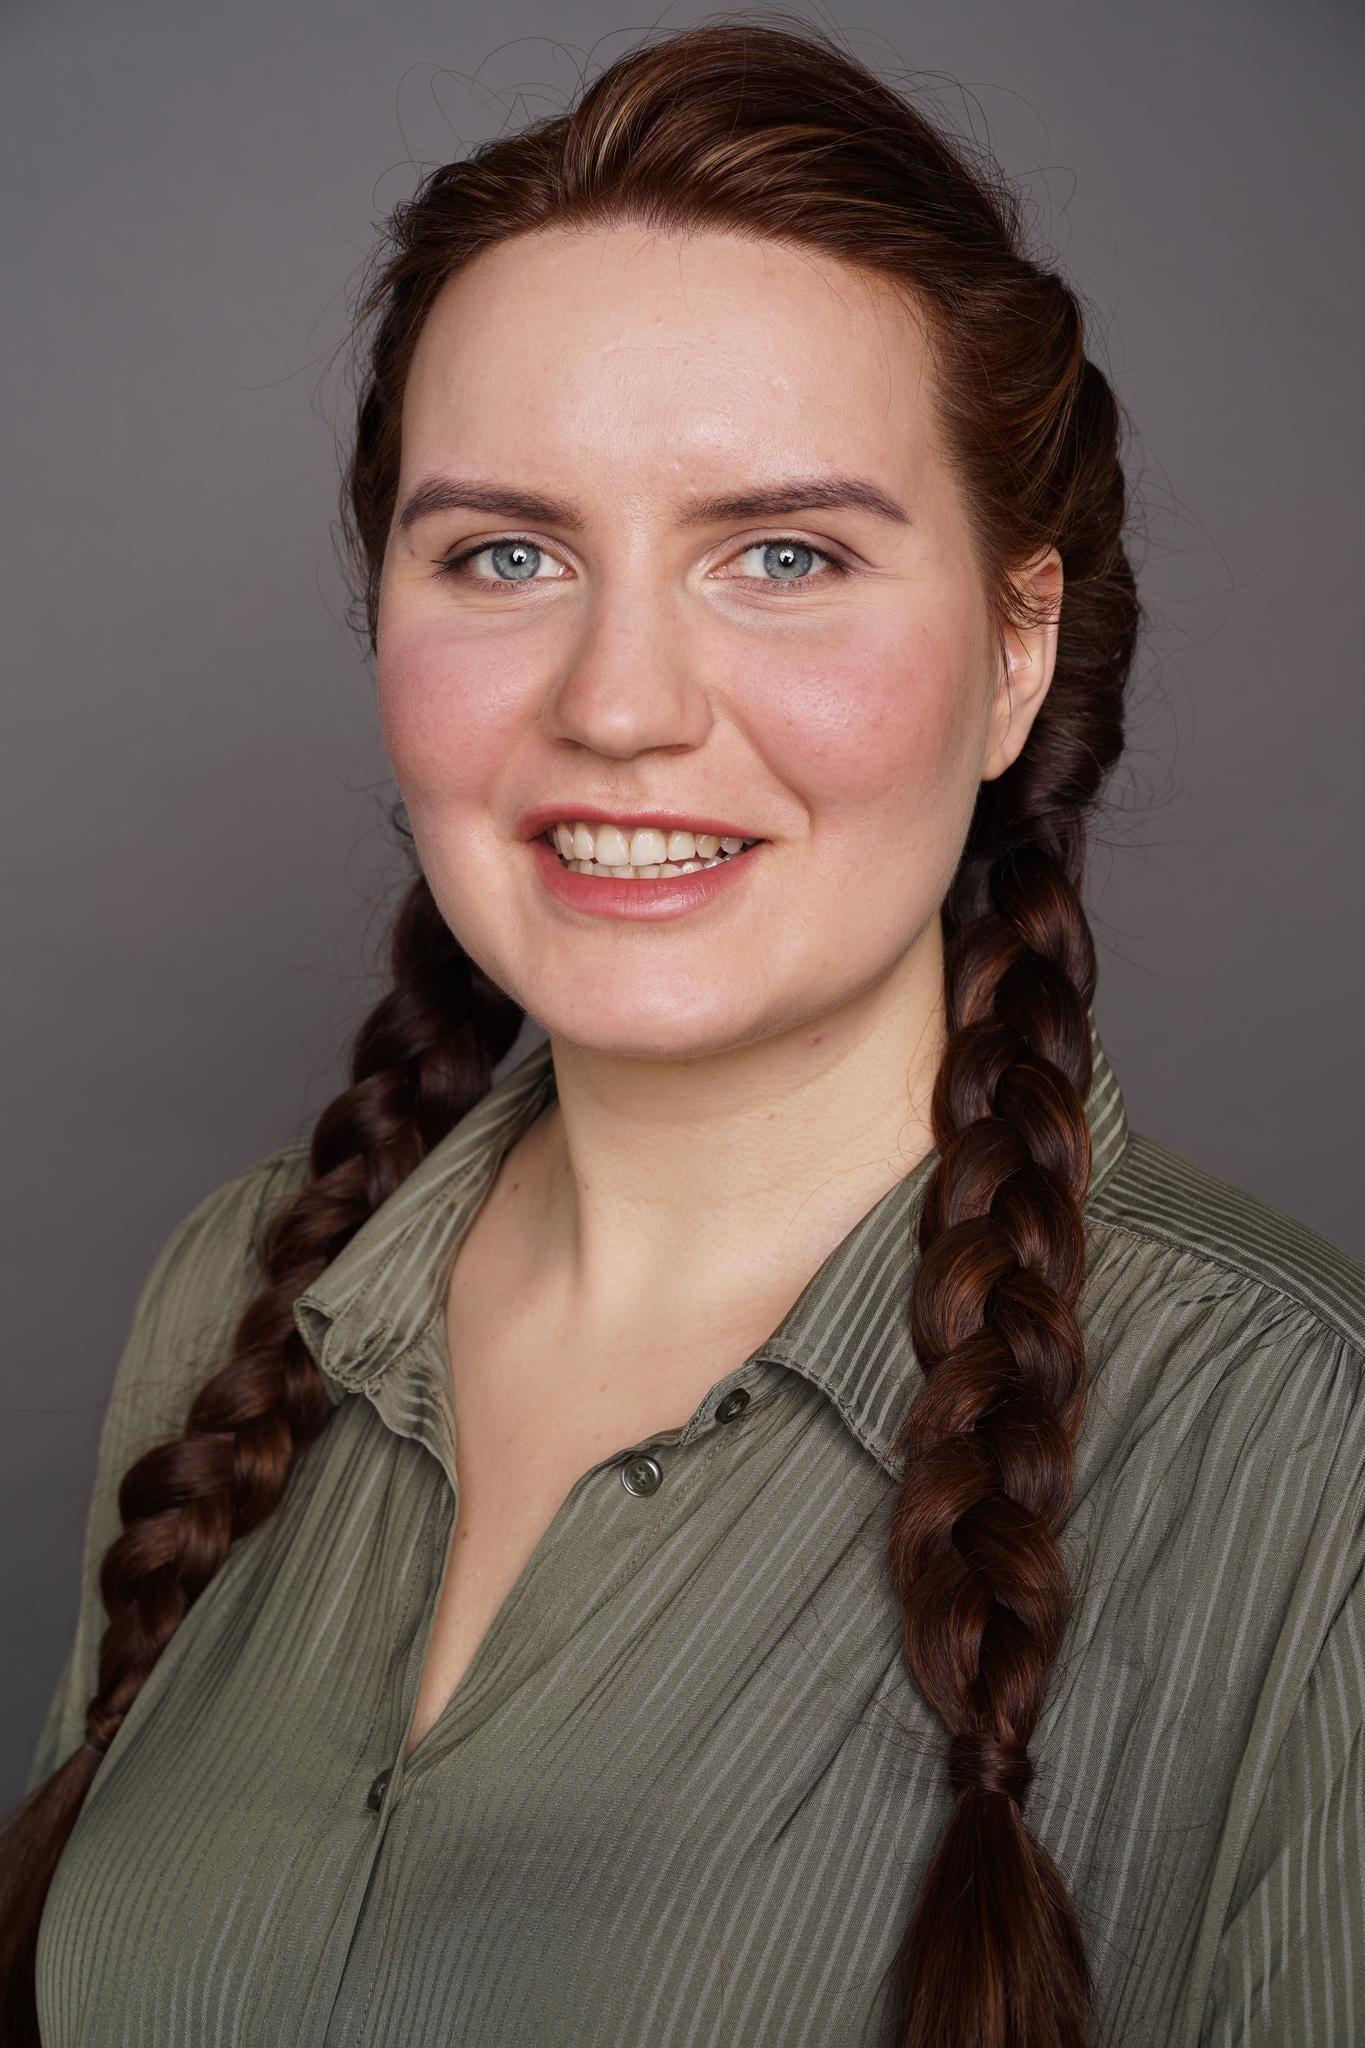 Tatyana Skaredneva